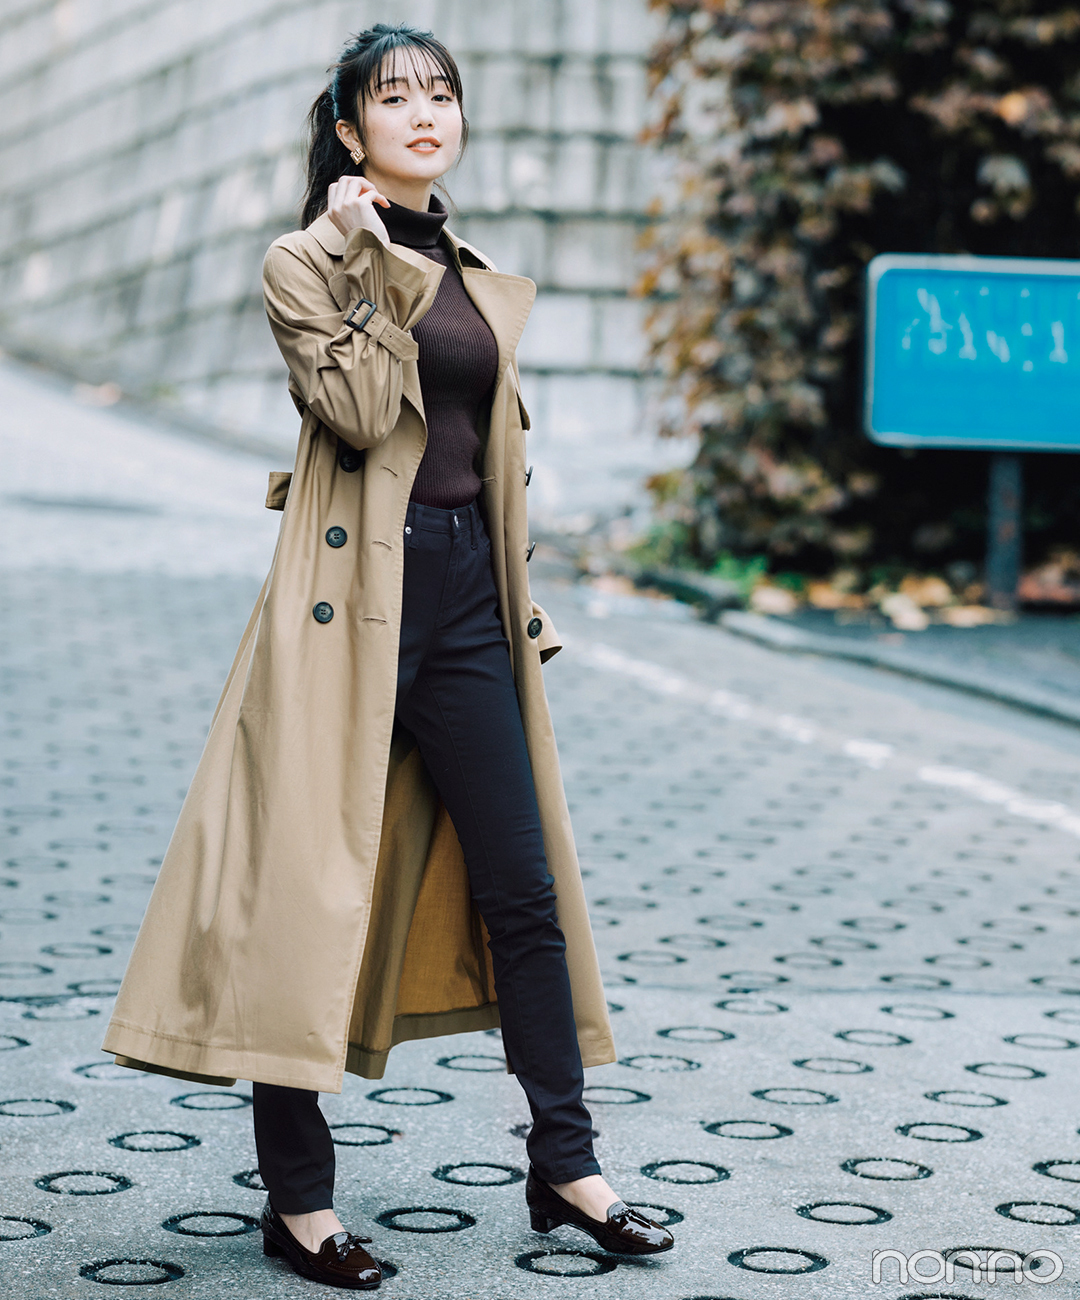 ロングトレンチ&黒のスキニーパンツでキリッといい女コーデ【毎日コーデ】